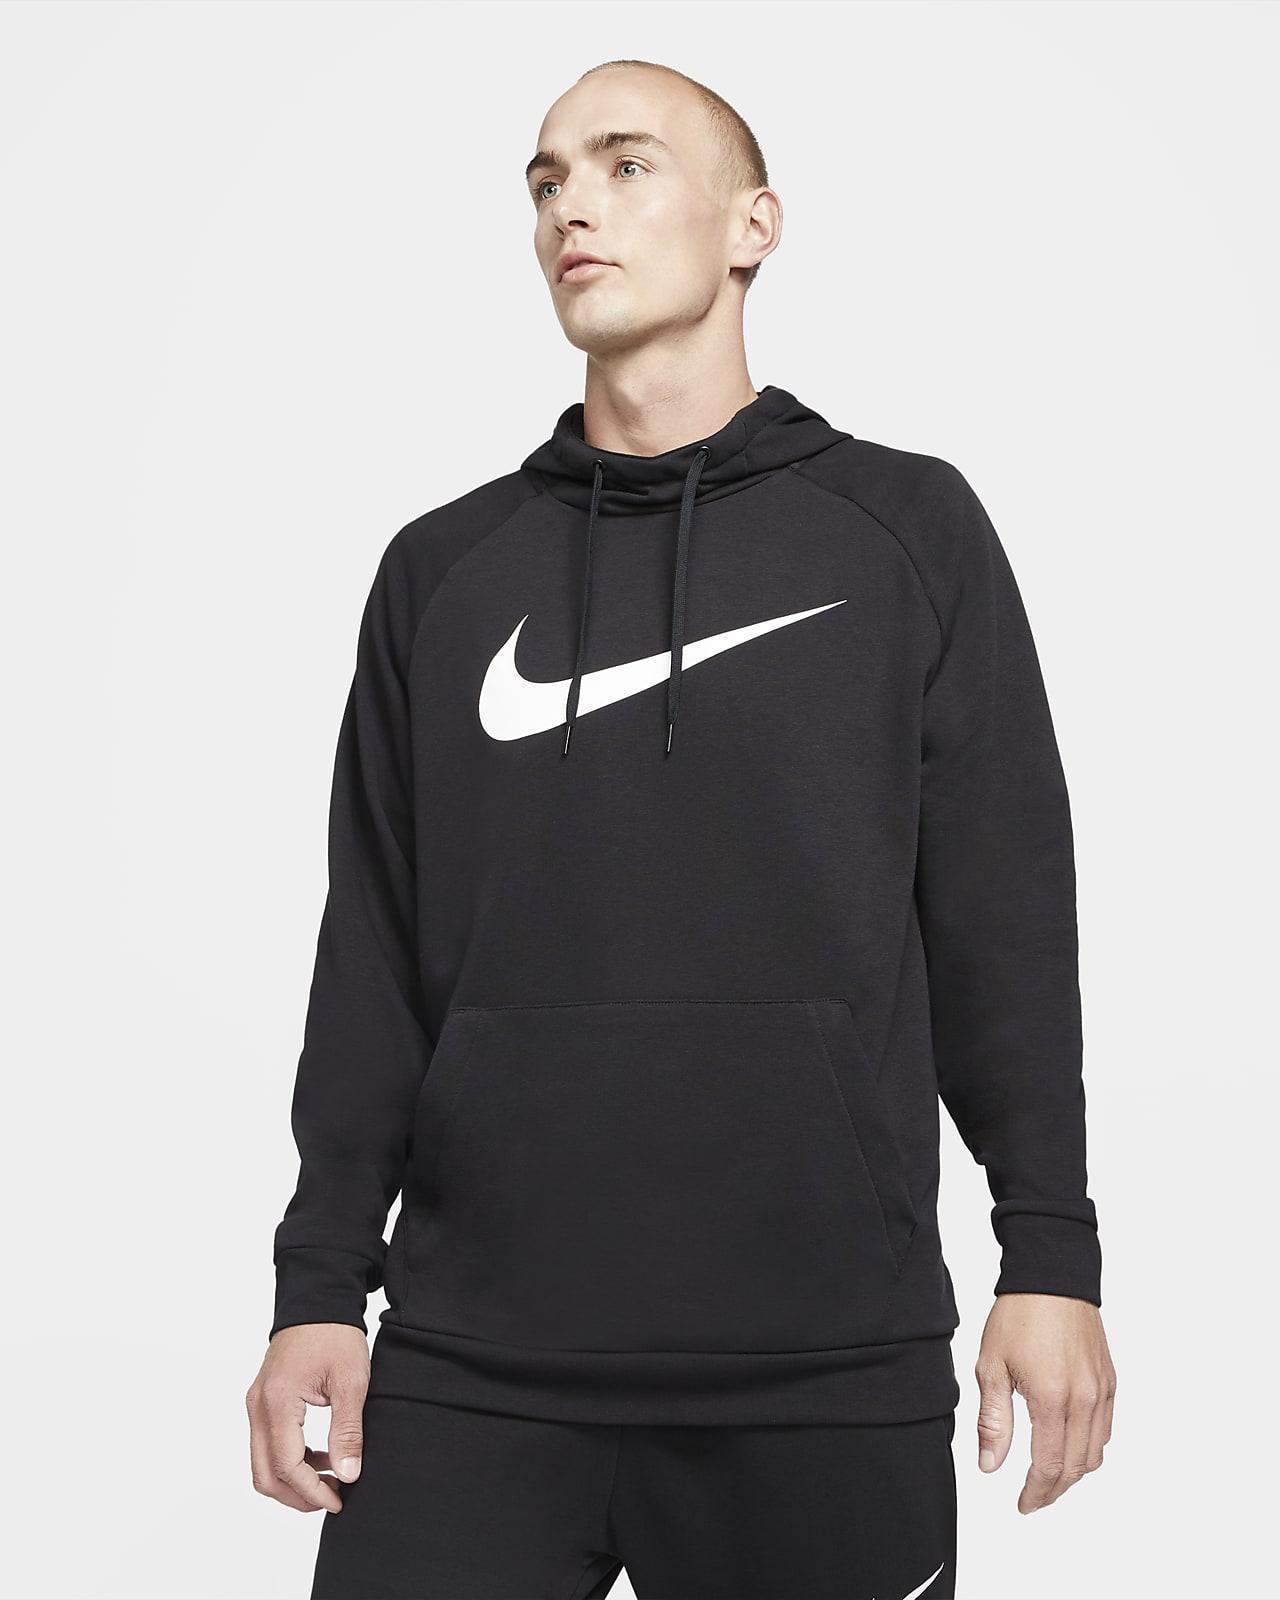 Nike Dri-FIT-pullover-træningshættetrøje til mænd